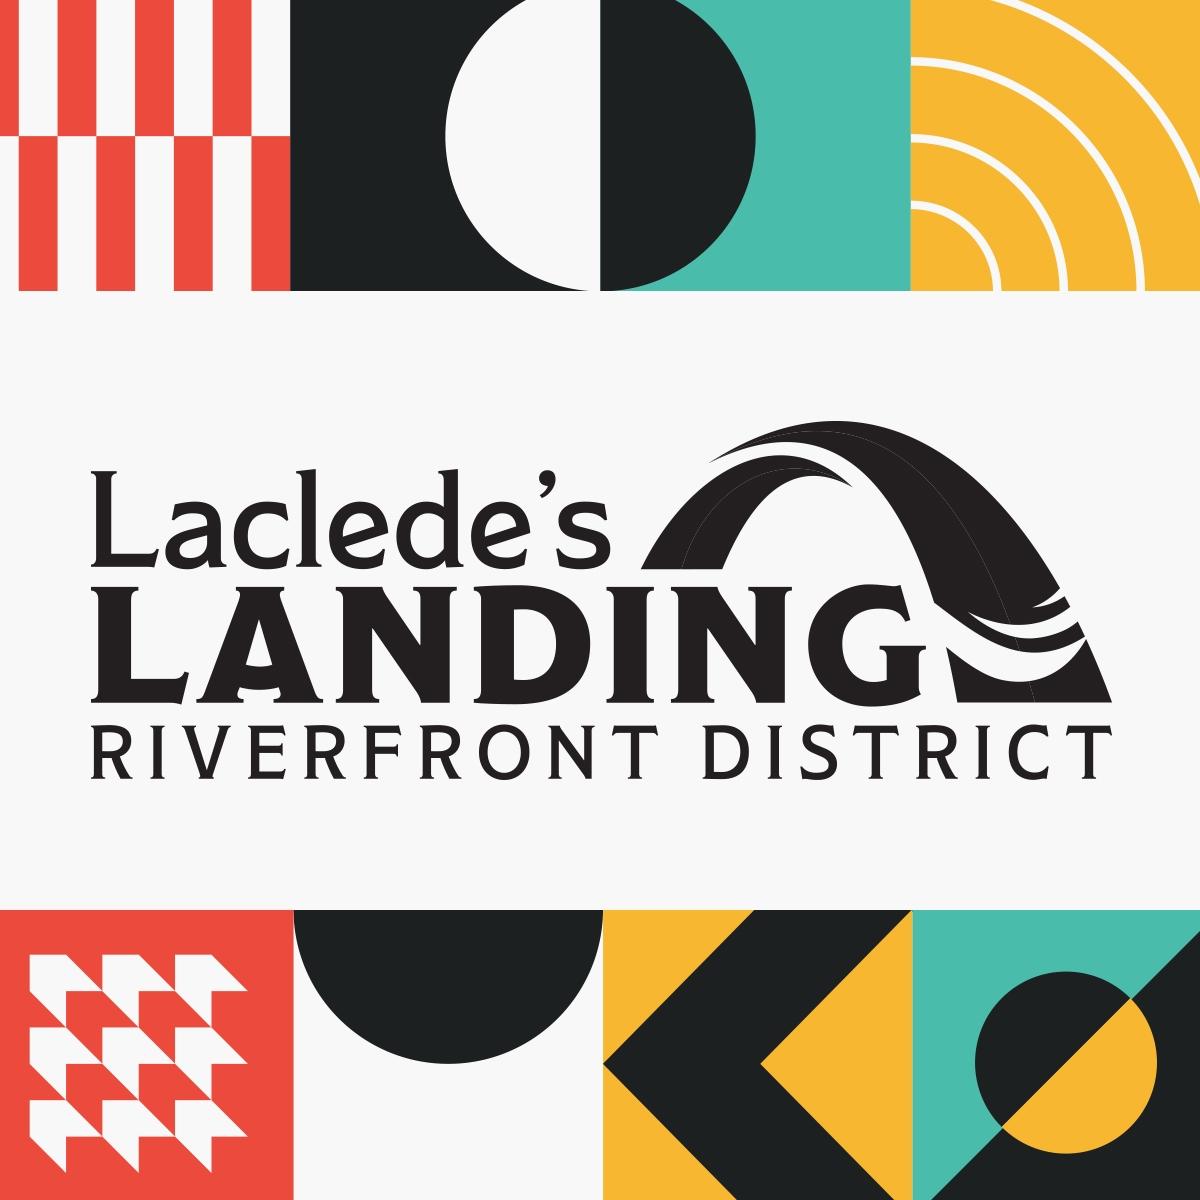 Laclede's Landing Riverfront District